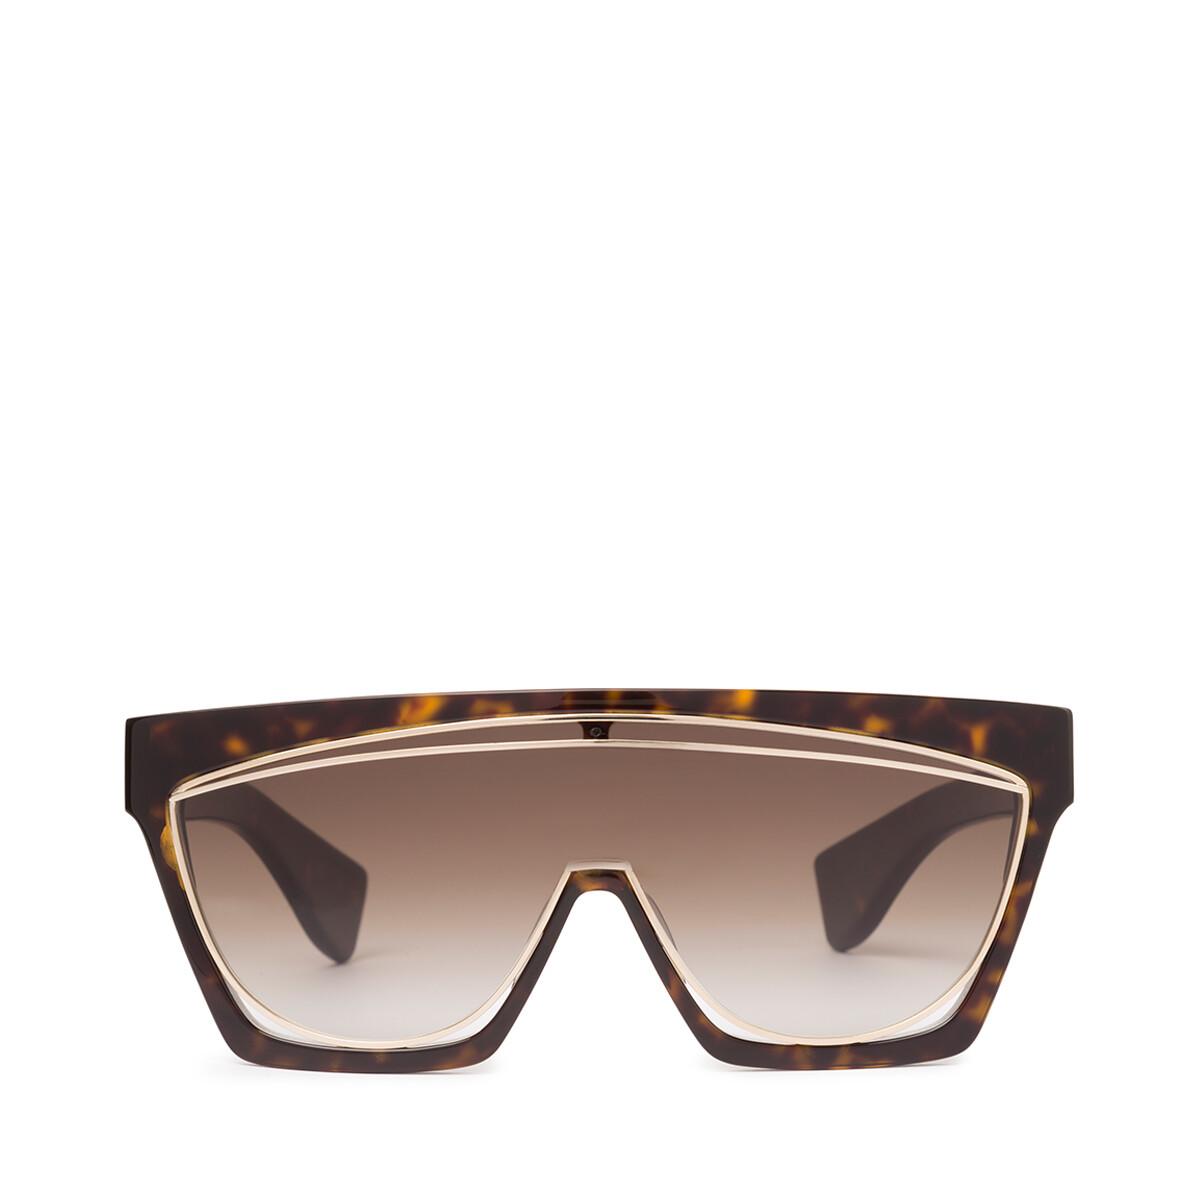 LOEWE Masque Sunglasses Dark Havana/Gradient Brown front